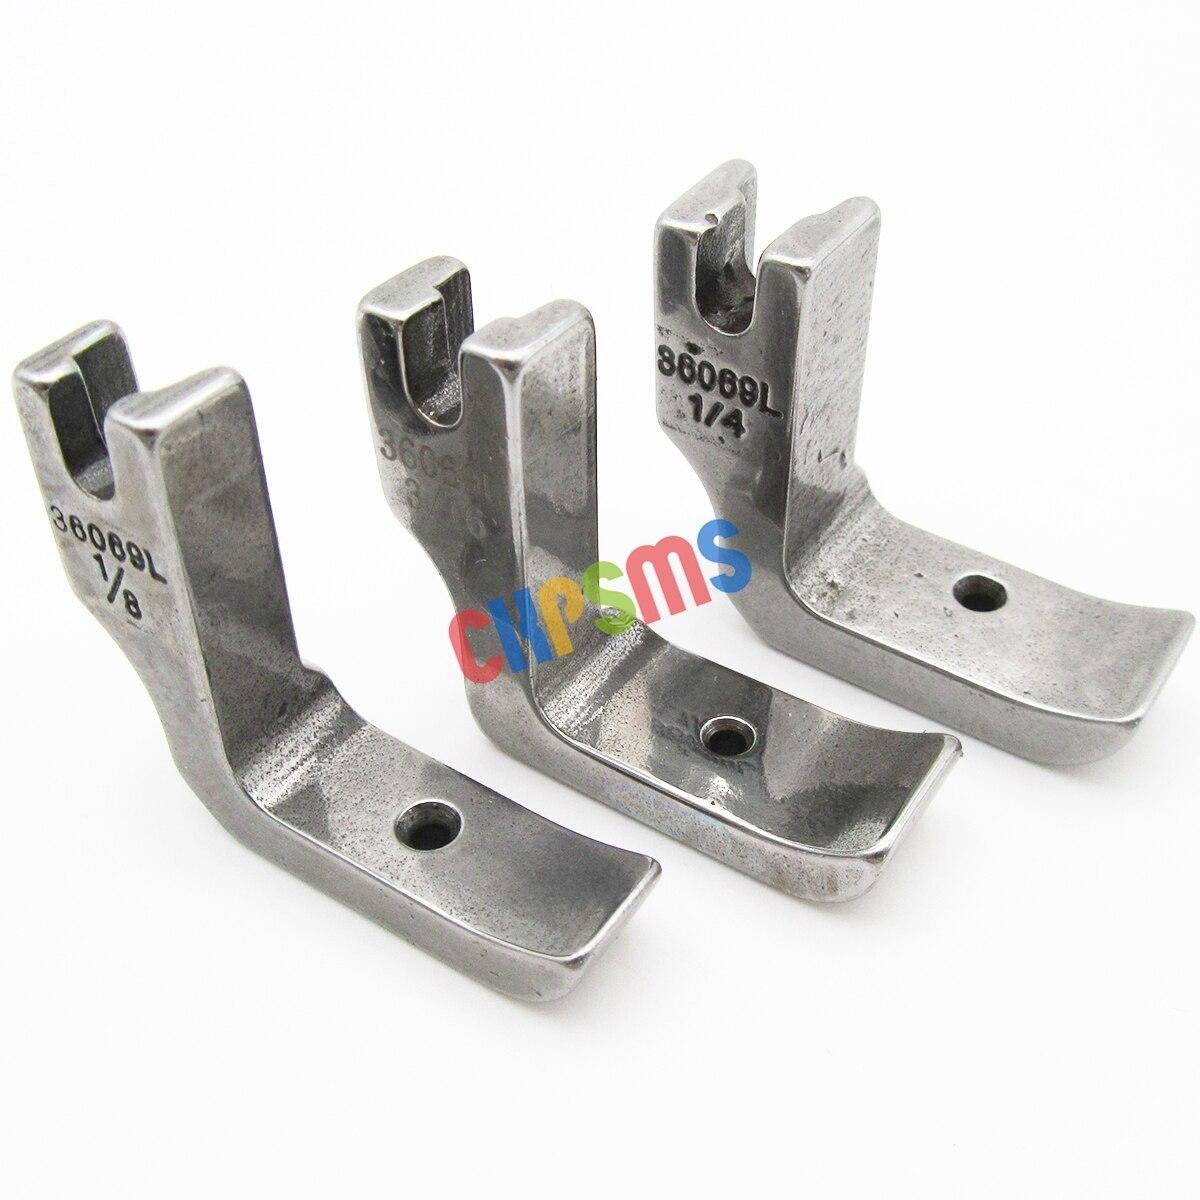 # 36069l 1/8 + 3/16 + 1/4 alta haste sólida welt esquerda pés de tubulação apto para juki DDL-5550 8300 8500 8700